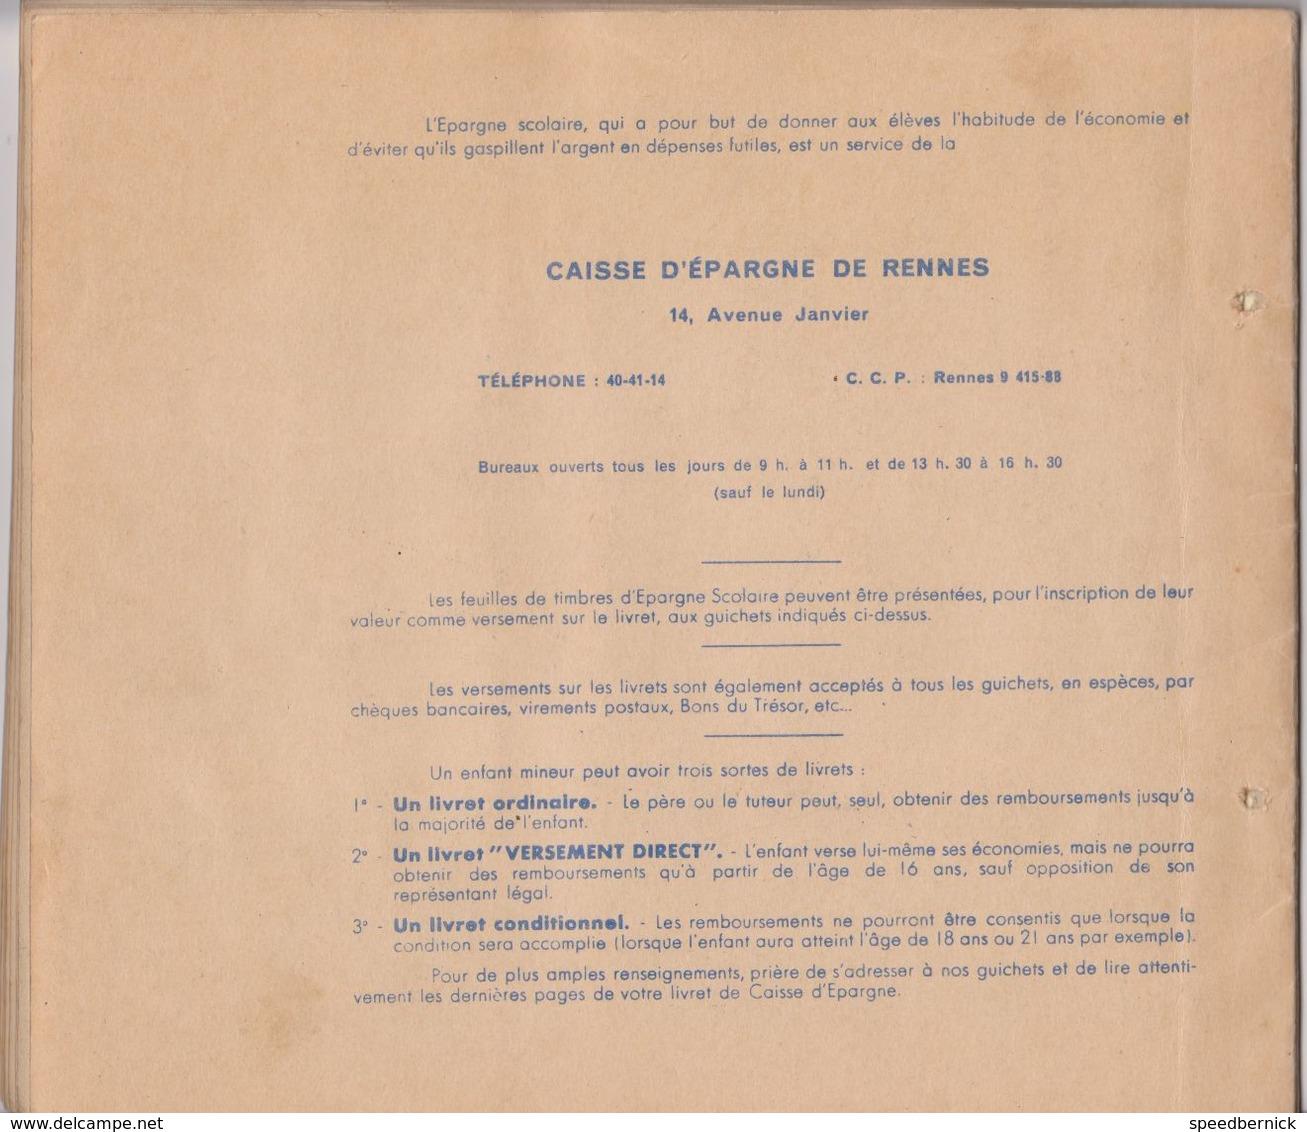 Caisse Epargne RENNES FRANCE 35 -EPARGNE Scolaire -collection Timbres Epargne - Chromos Images -Quinquis - Non Classés